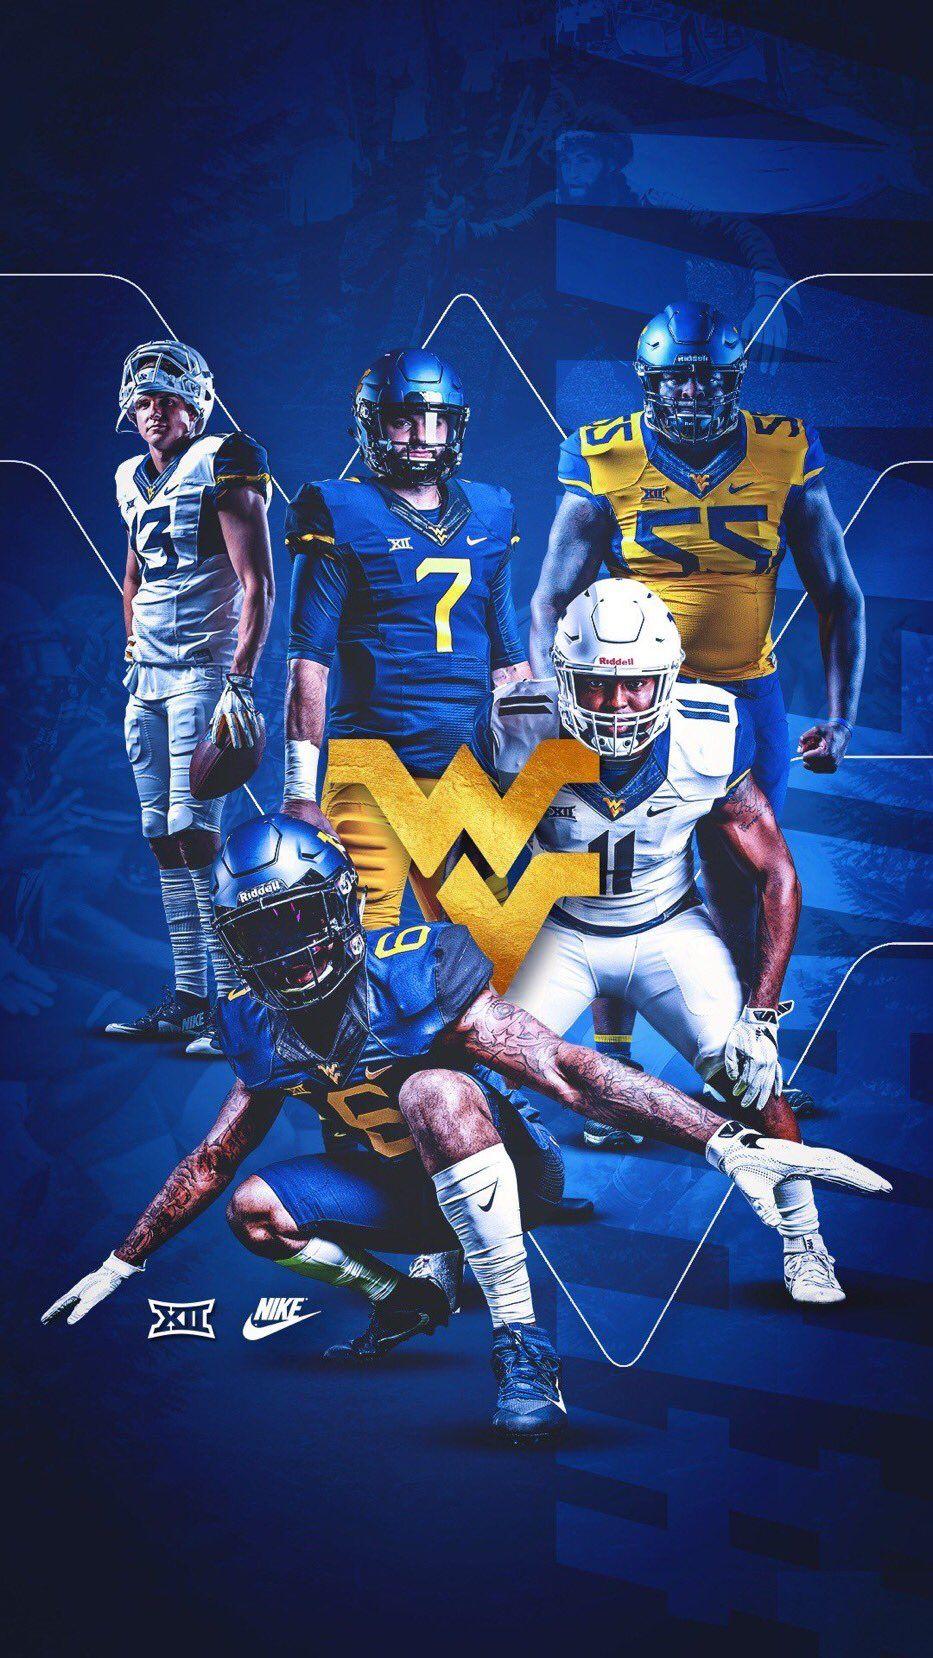 Skullsparks On Twitter Sports Design Inspiration Sport Poster Design Sports Design